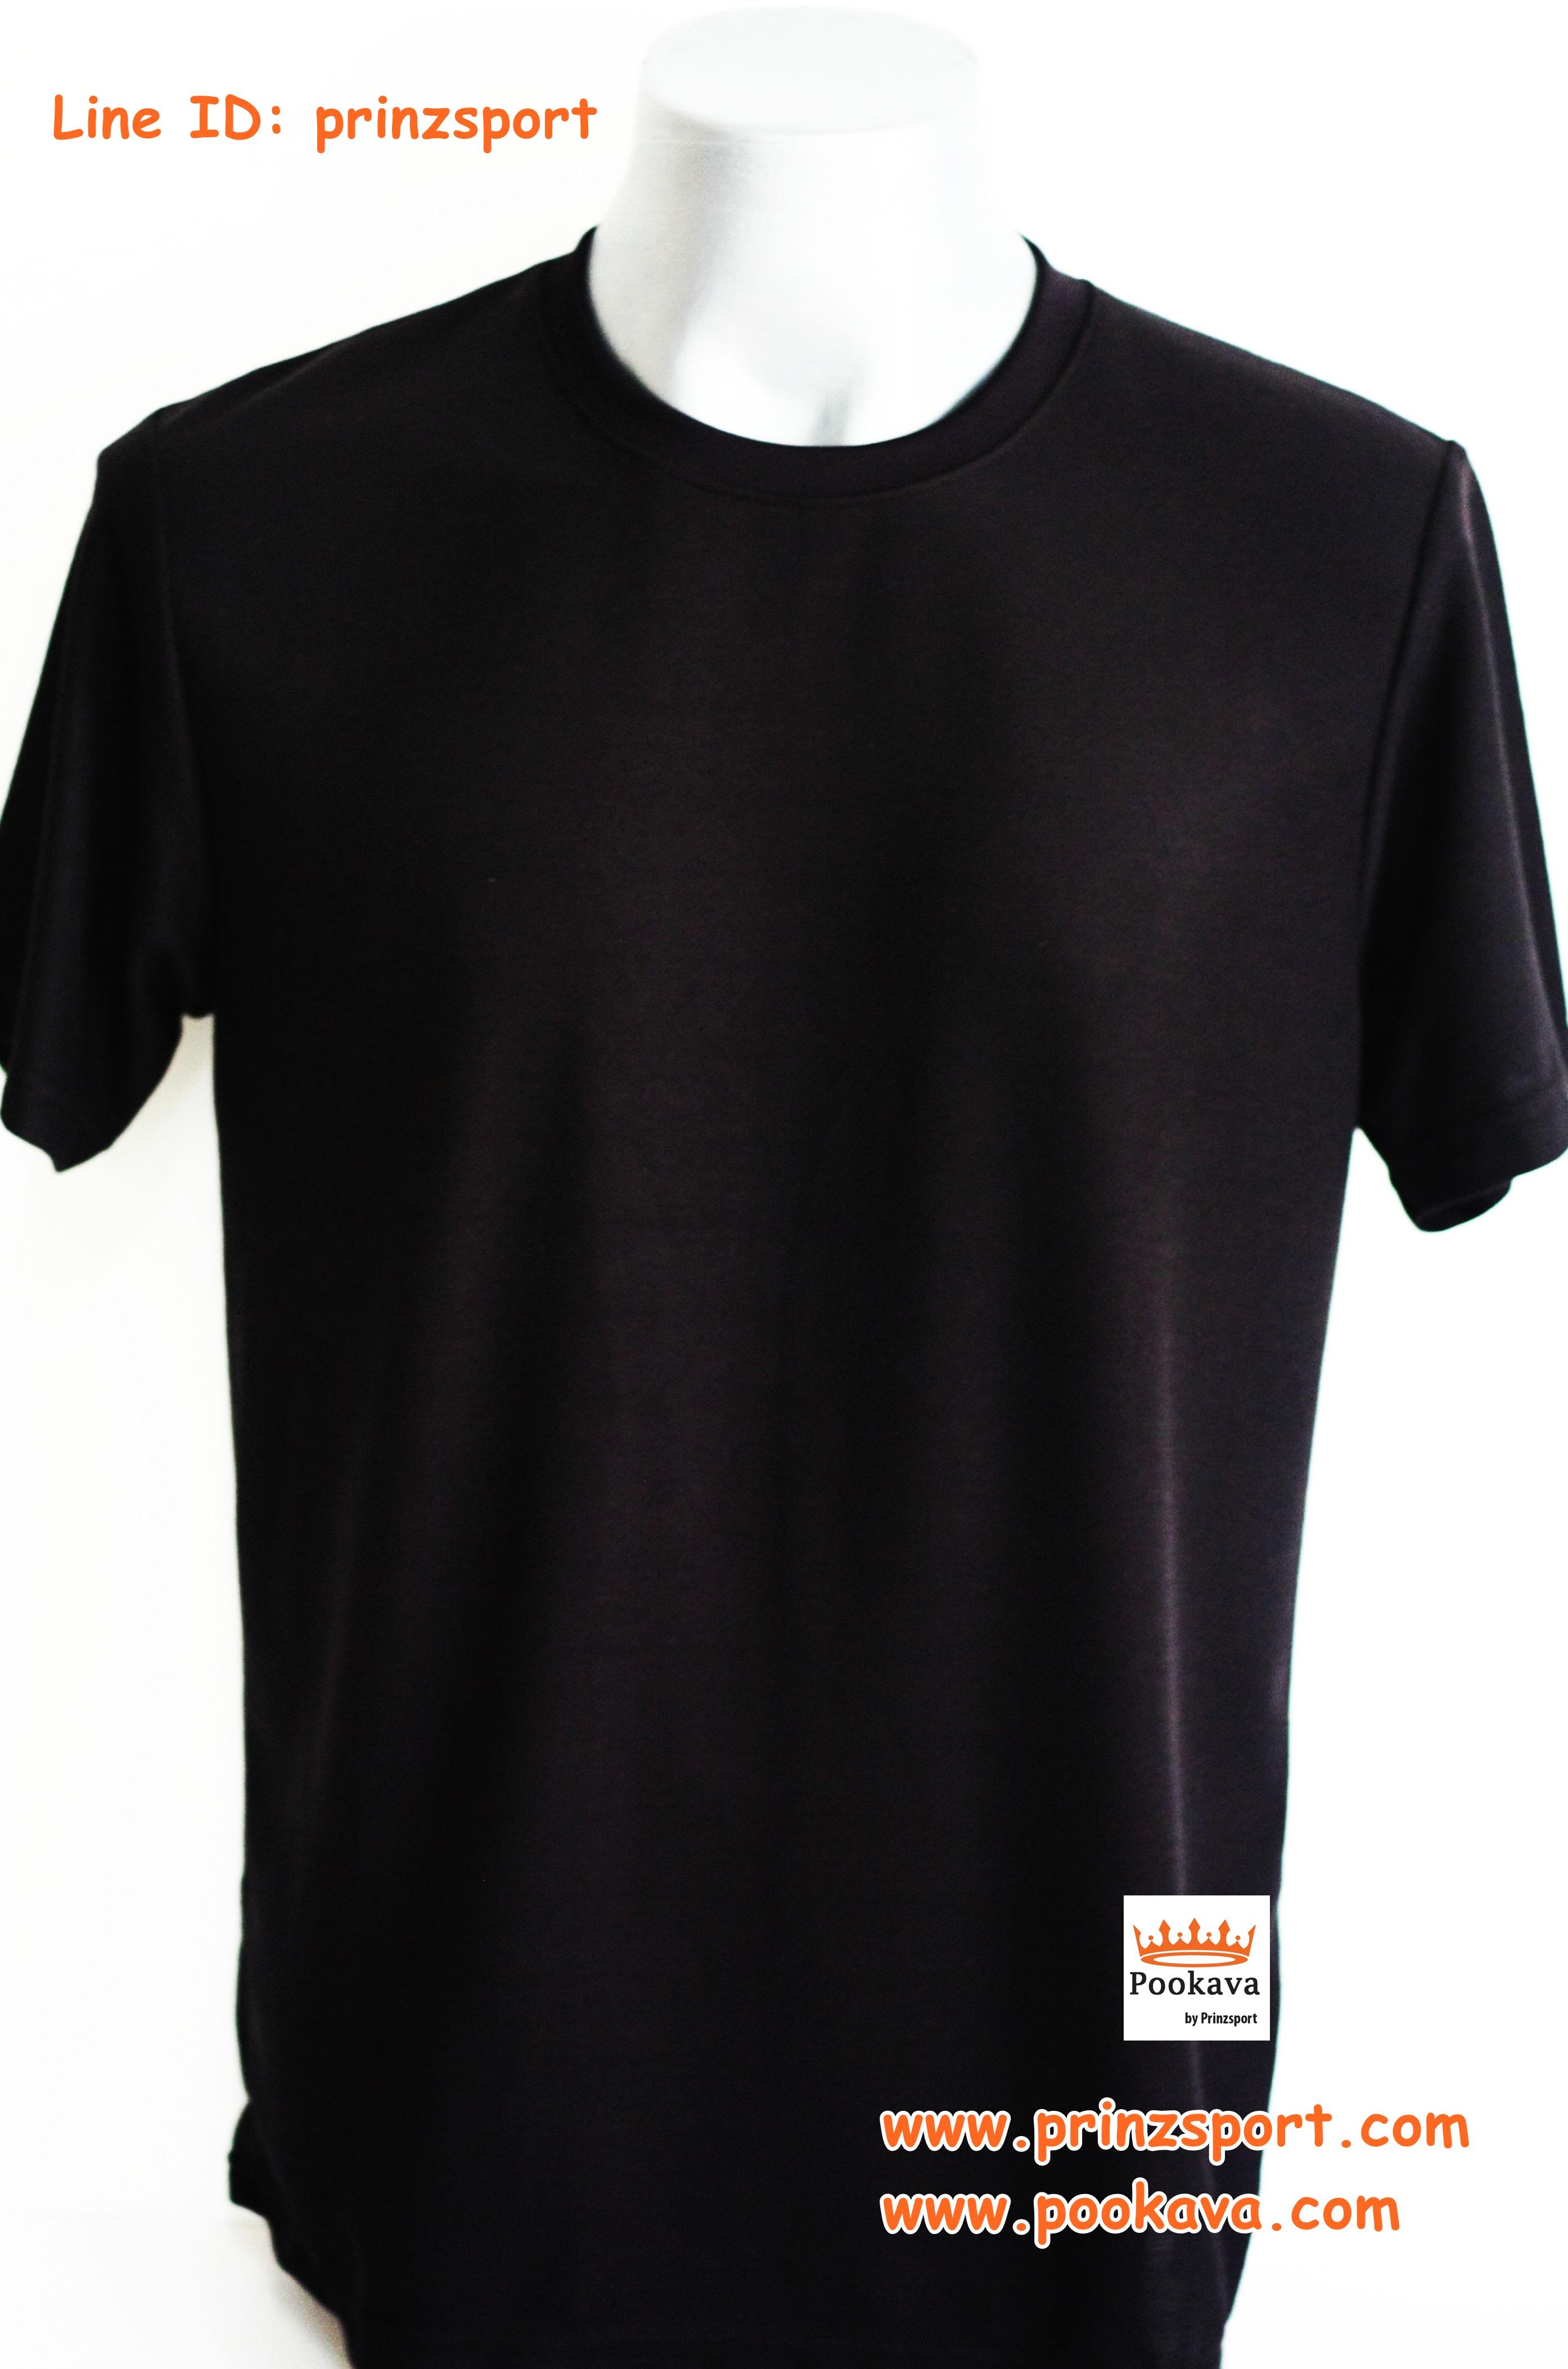 พร้อมส่ง ไซส์ L เสื้อคอกลมสีดำ เสื้อสีดำ ผู้ใหญ่ ผลิตจากผ้าจูติ (ผ้าที่ทำเสื้อโปโล)